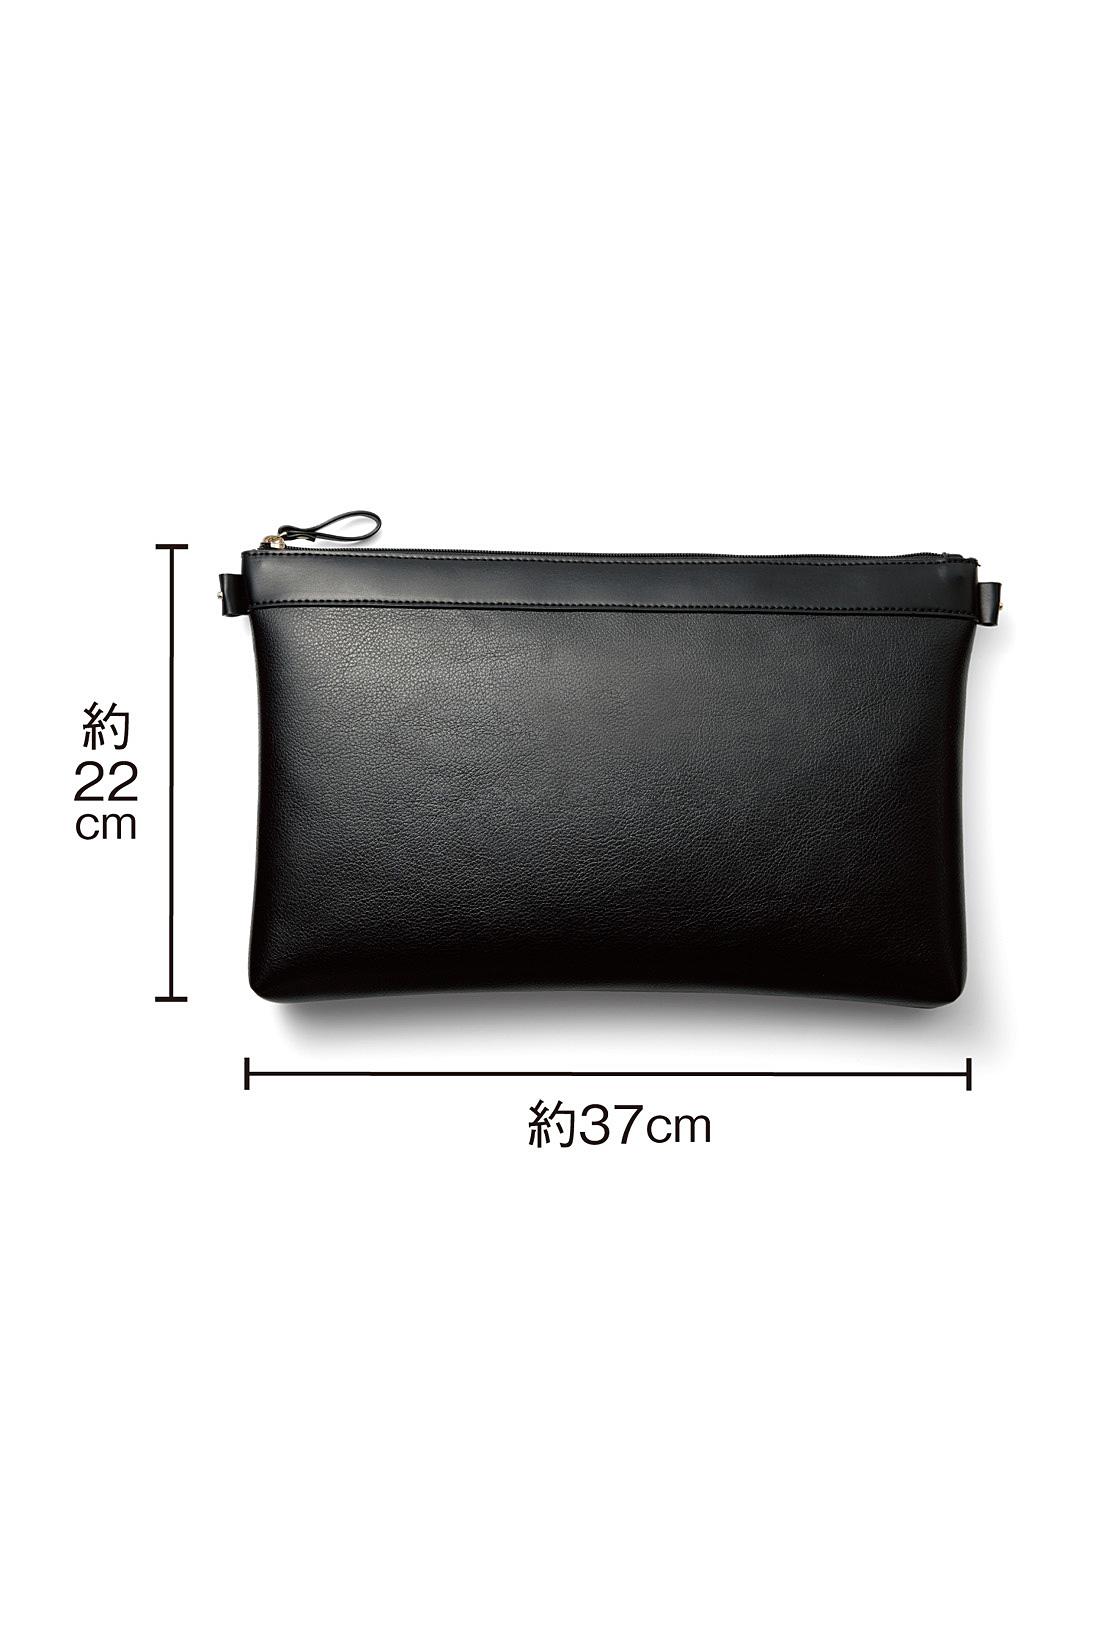 クラッチとしても使えるインナーポーチ。バッグの内側にスナップで固定でき、仕切りとしても大活躍。